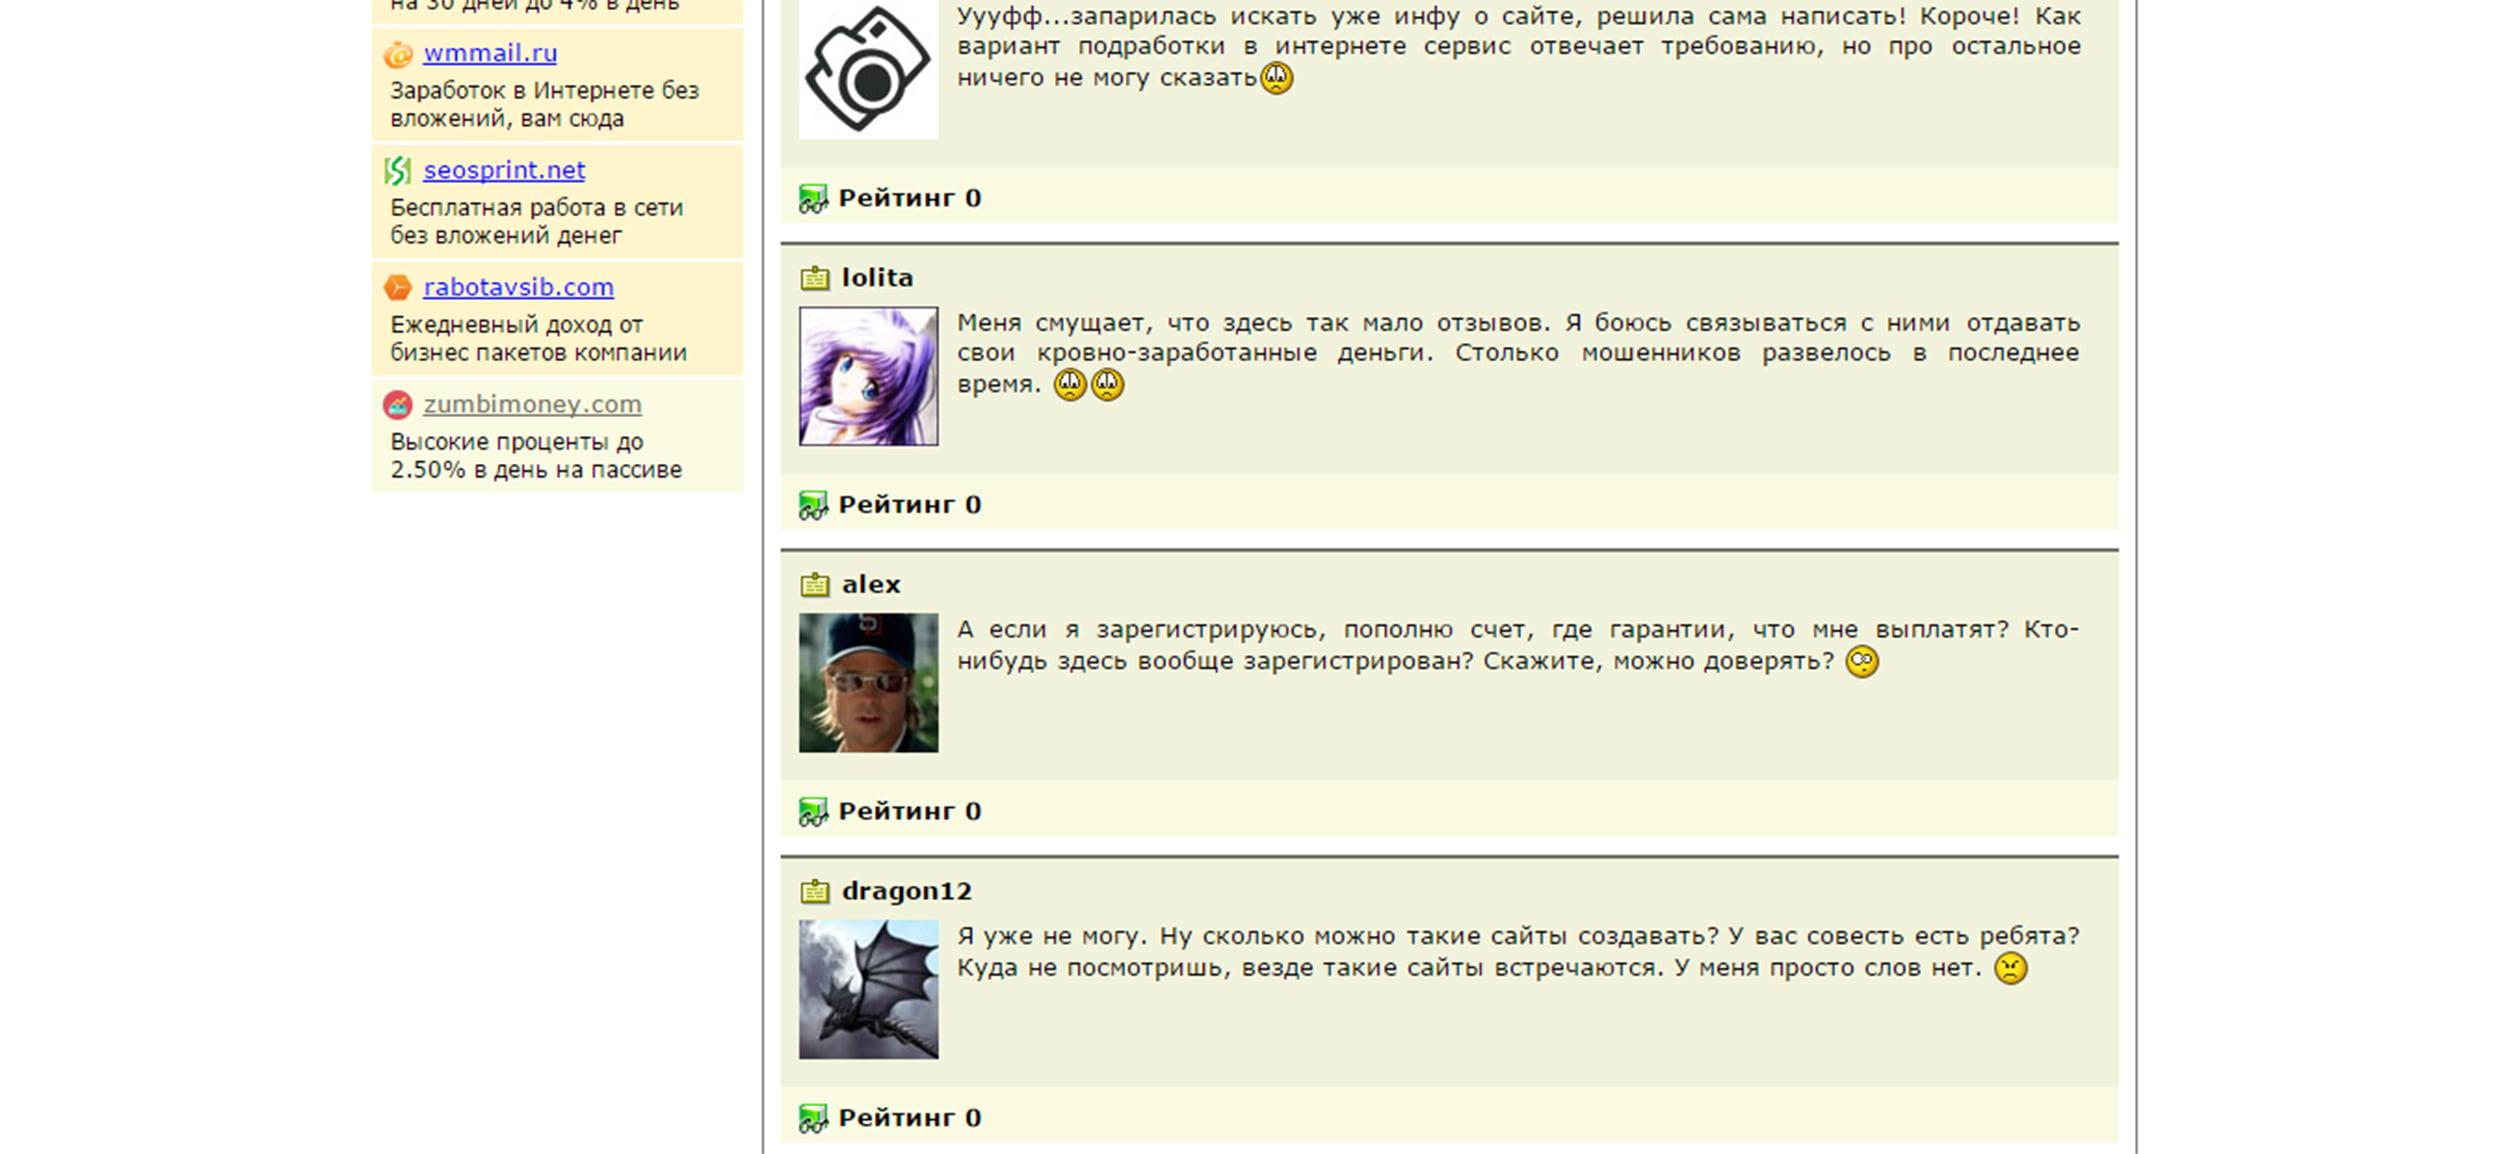 Мнение пользователей о сервисе Greenoption